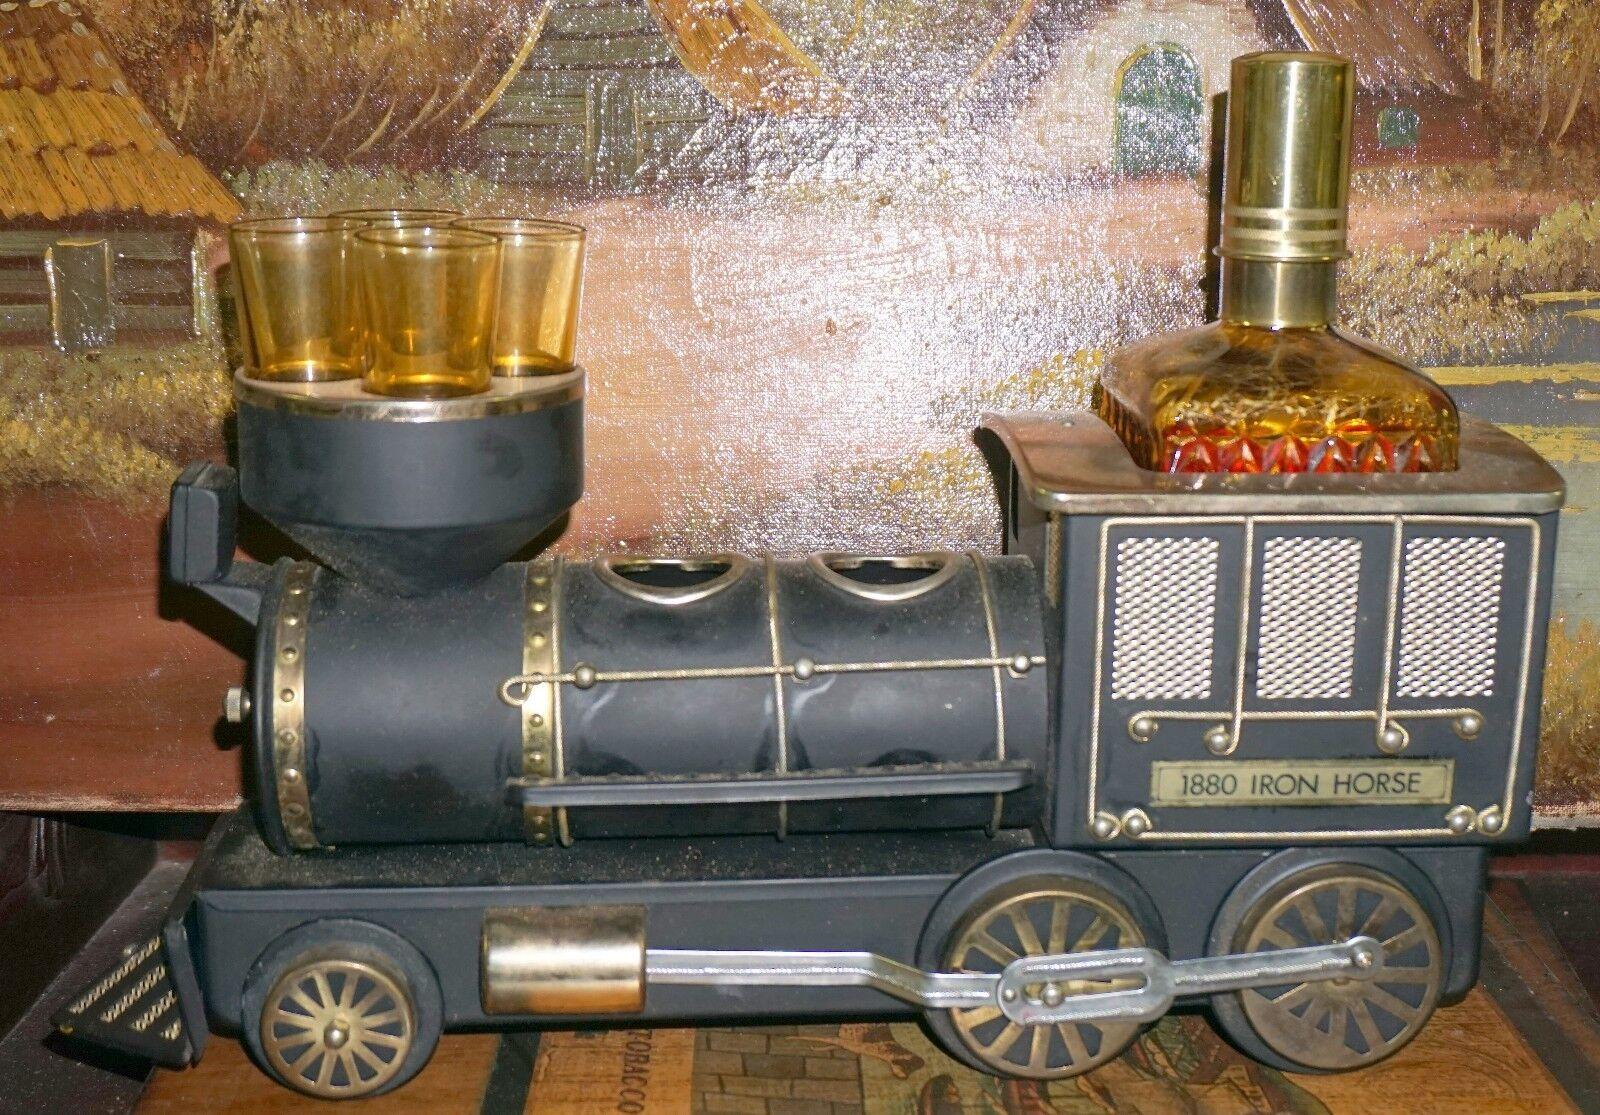 1880 iron horse - tendenz porta liquori con carillon - ferrovia